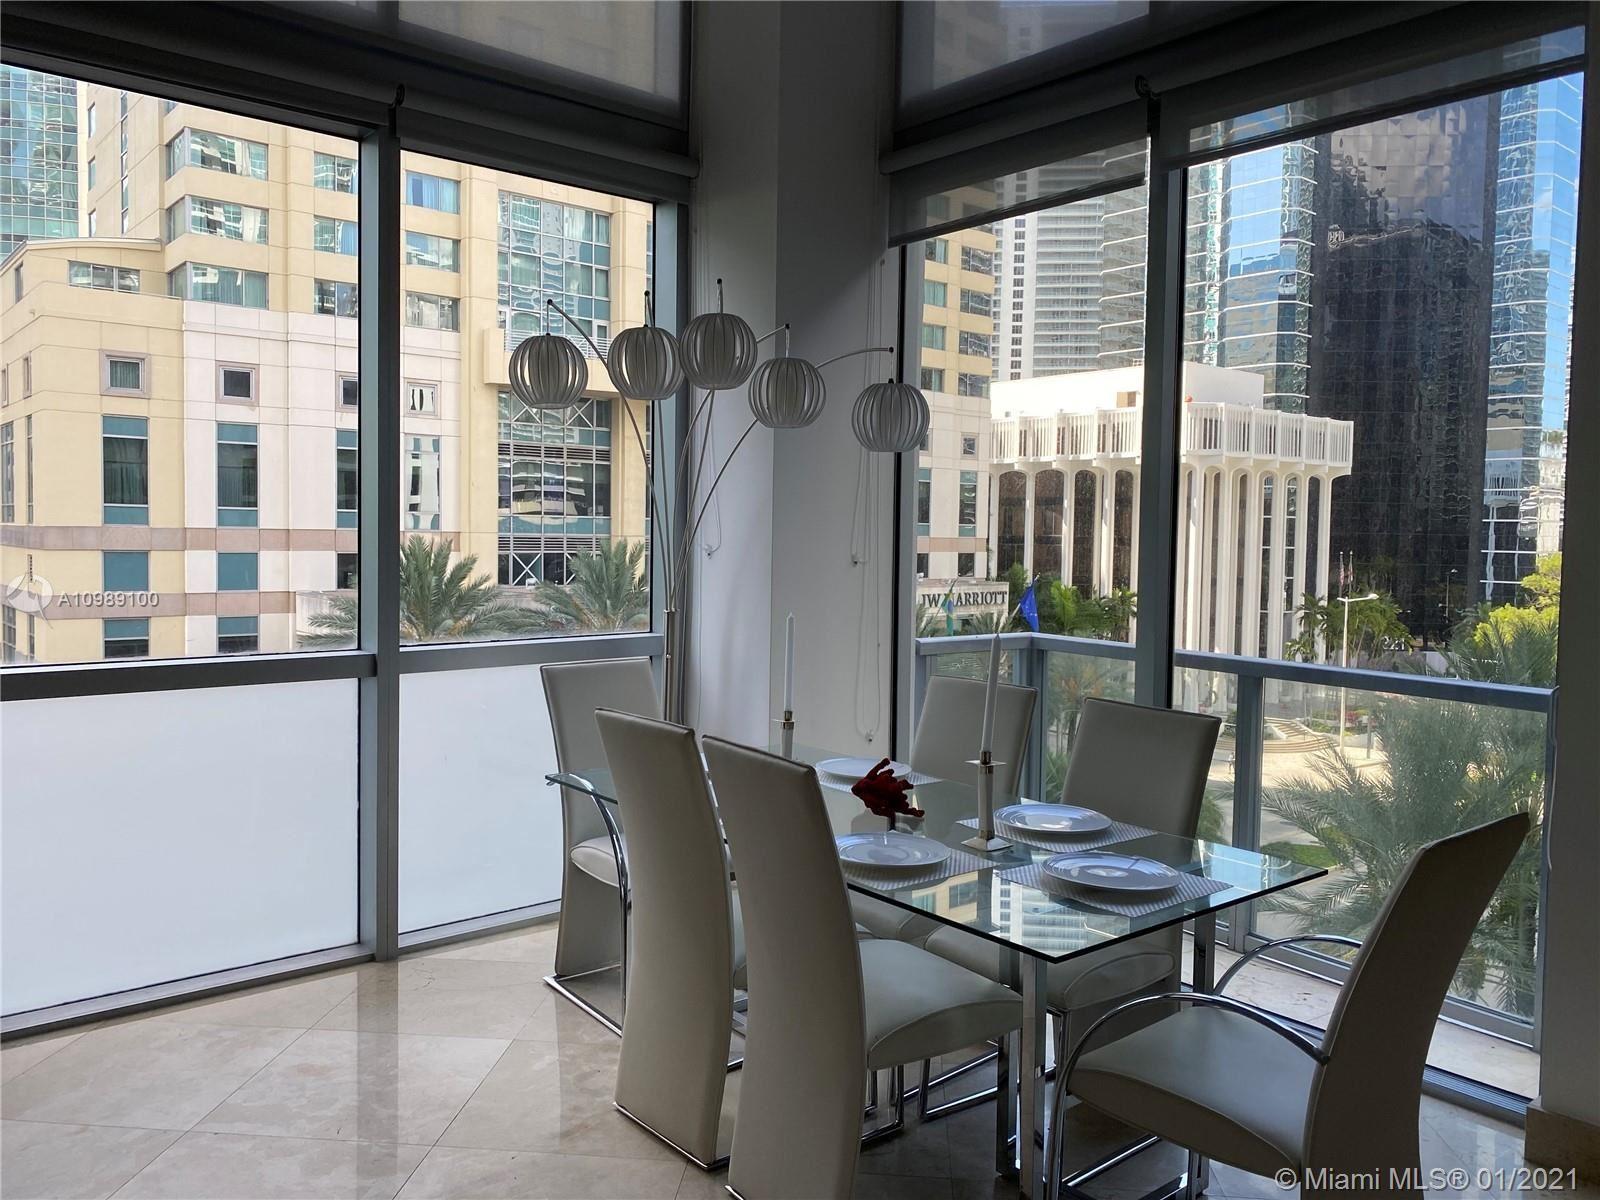 1060 Brickell Ave #413, Miami, FL 33131 - #: A10989100